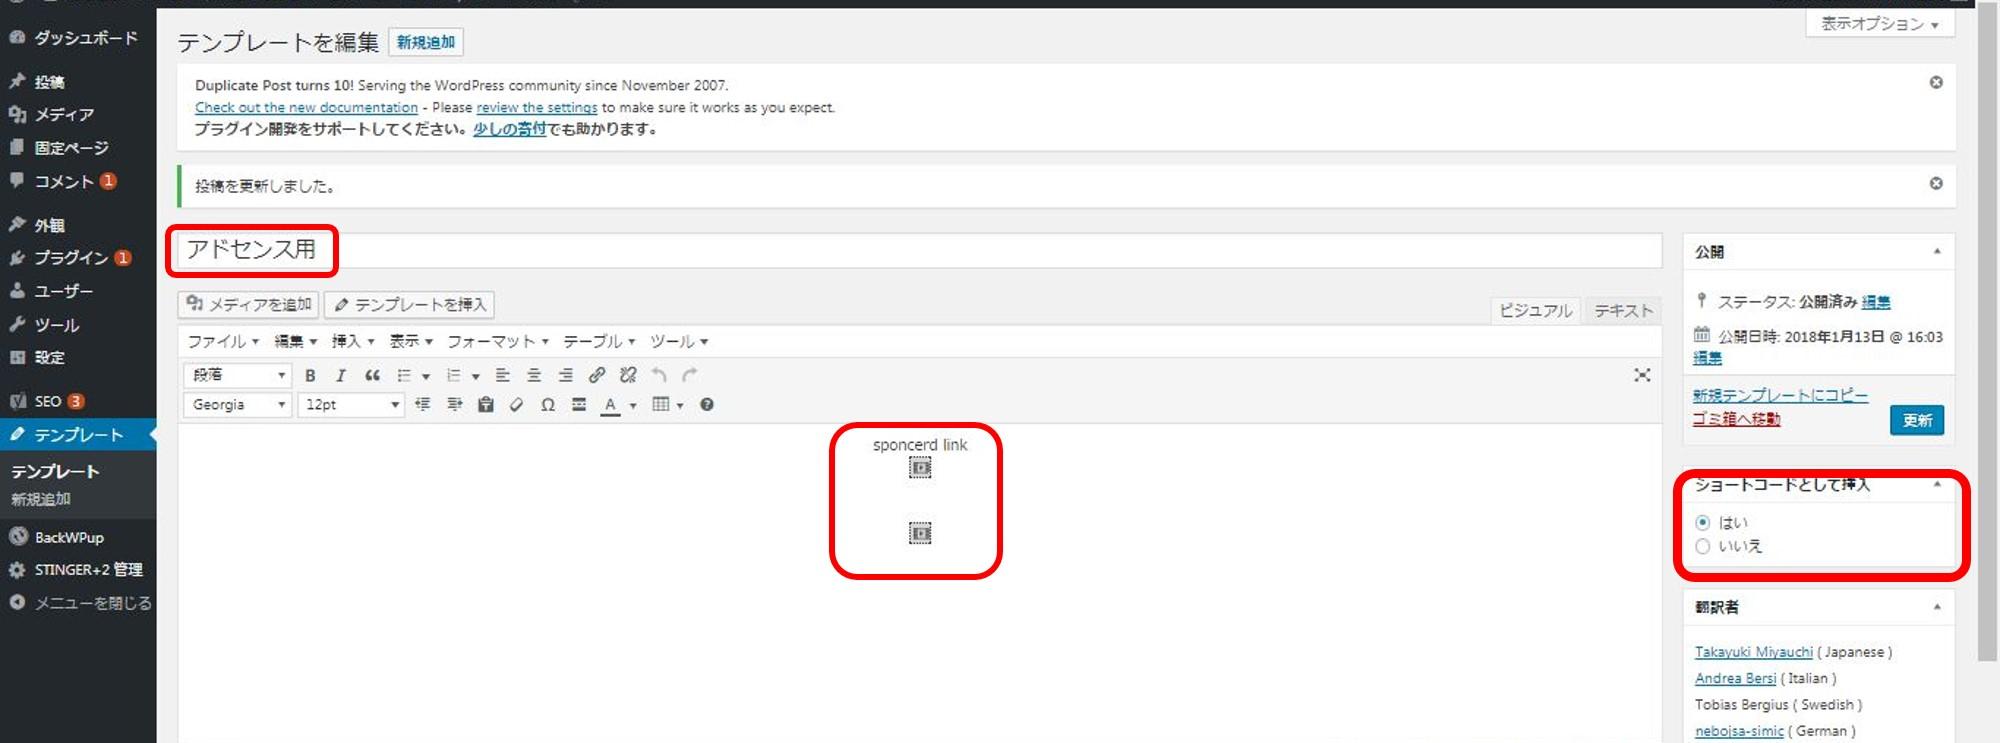 プラグイン tinymce templates で 同じパターンの投稿を楽に作成する